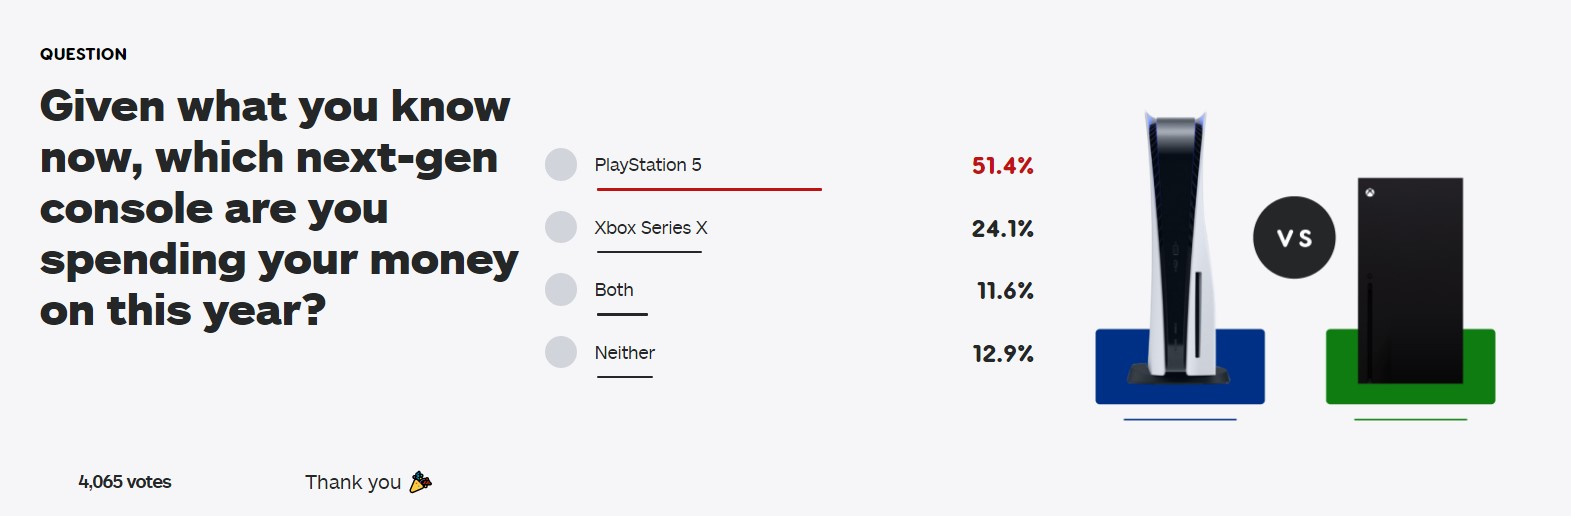 IGN发起投票:次世代你会选择哪一款主机? (1)